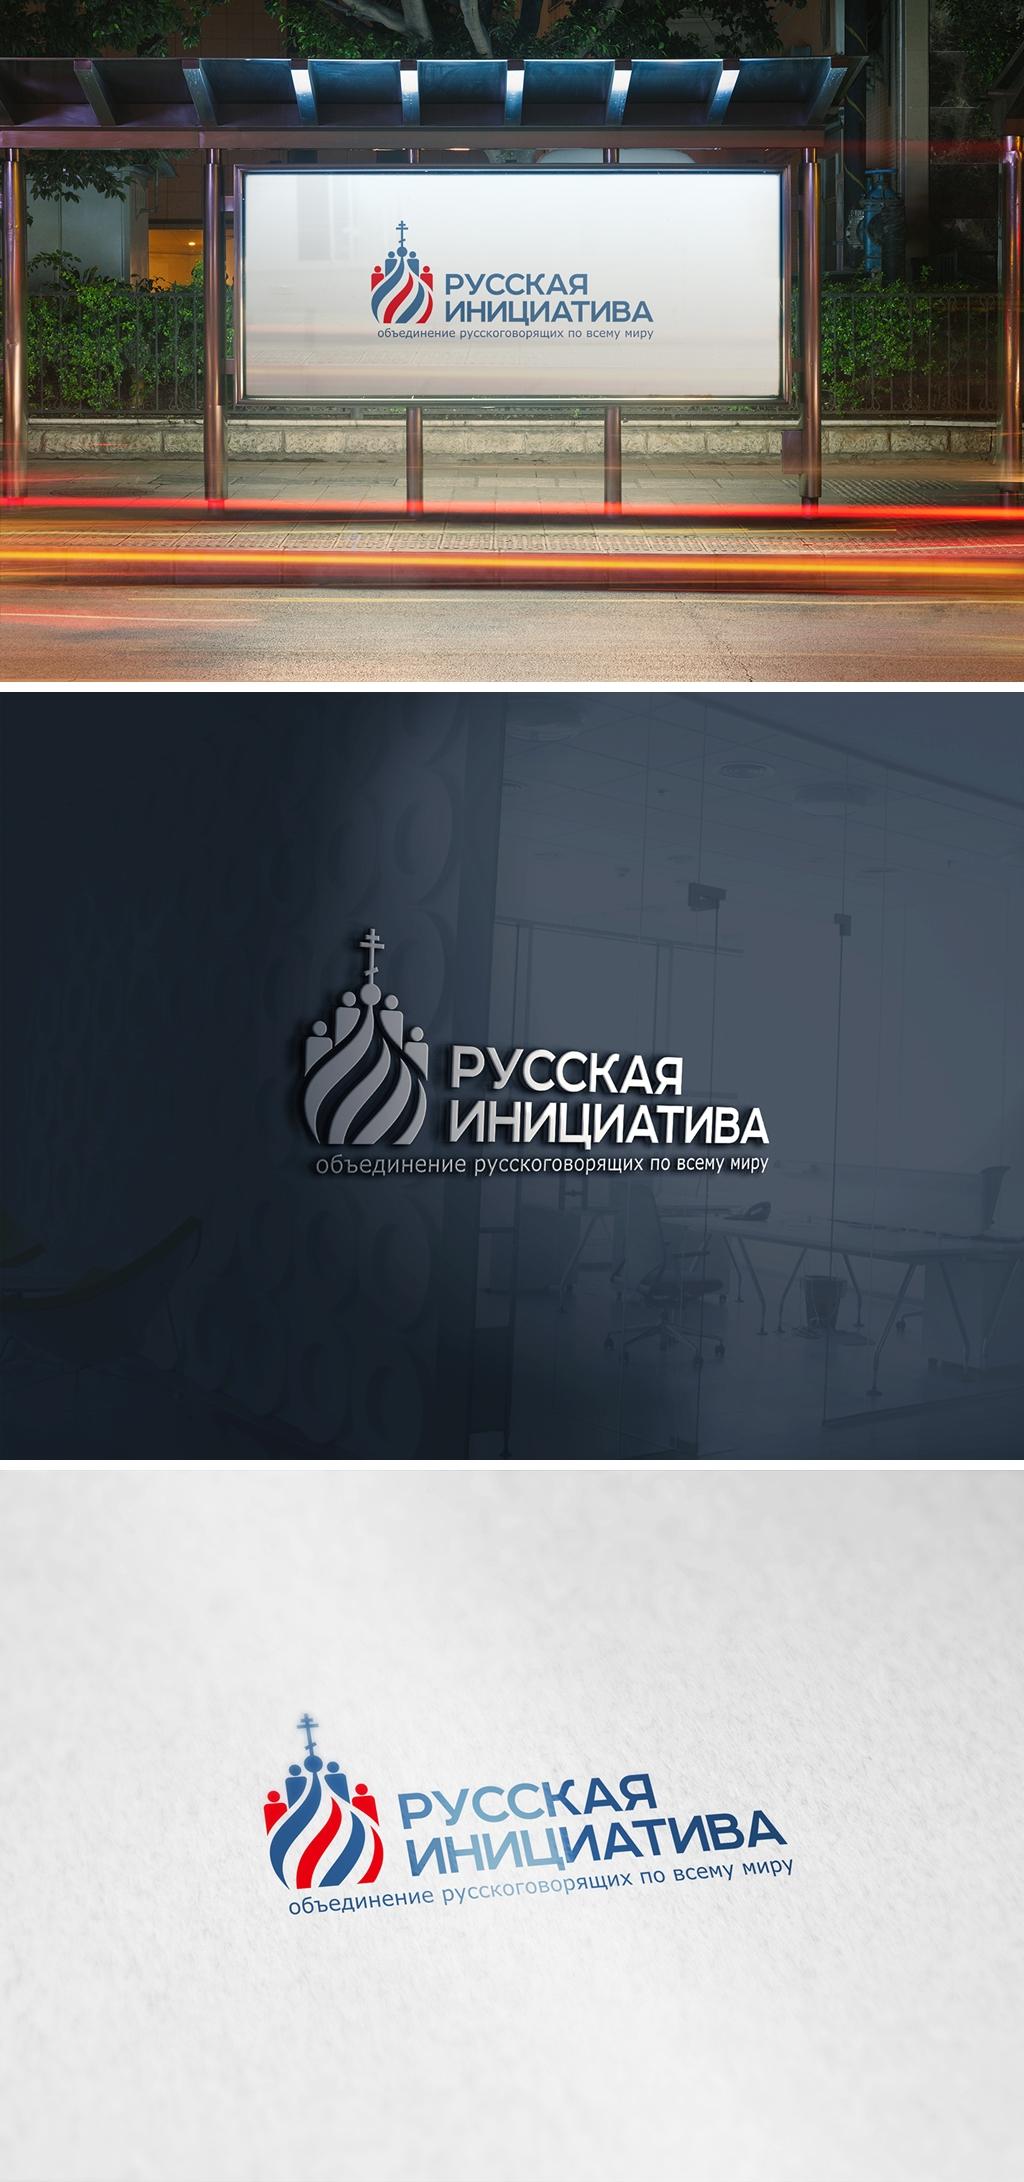 Разработать логотип для организации фото f_0685ebfc078be8c7.jpg